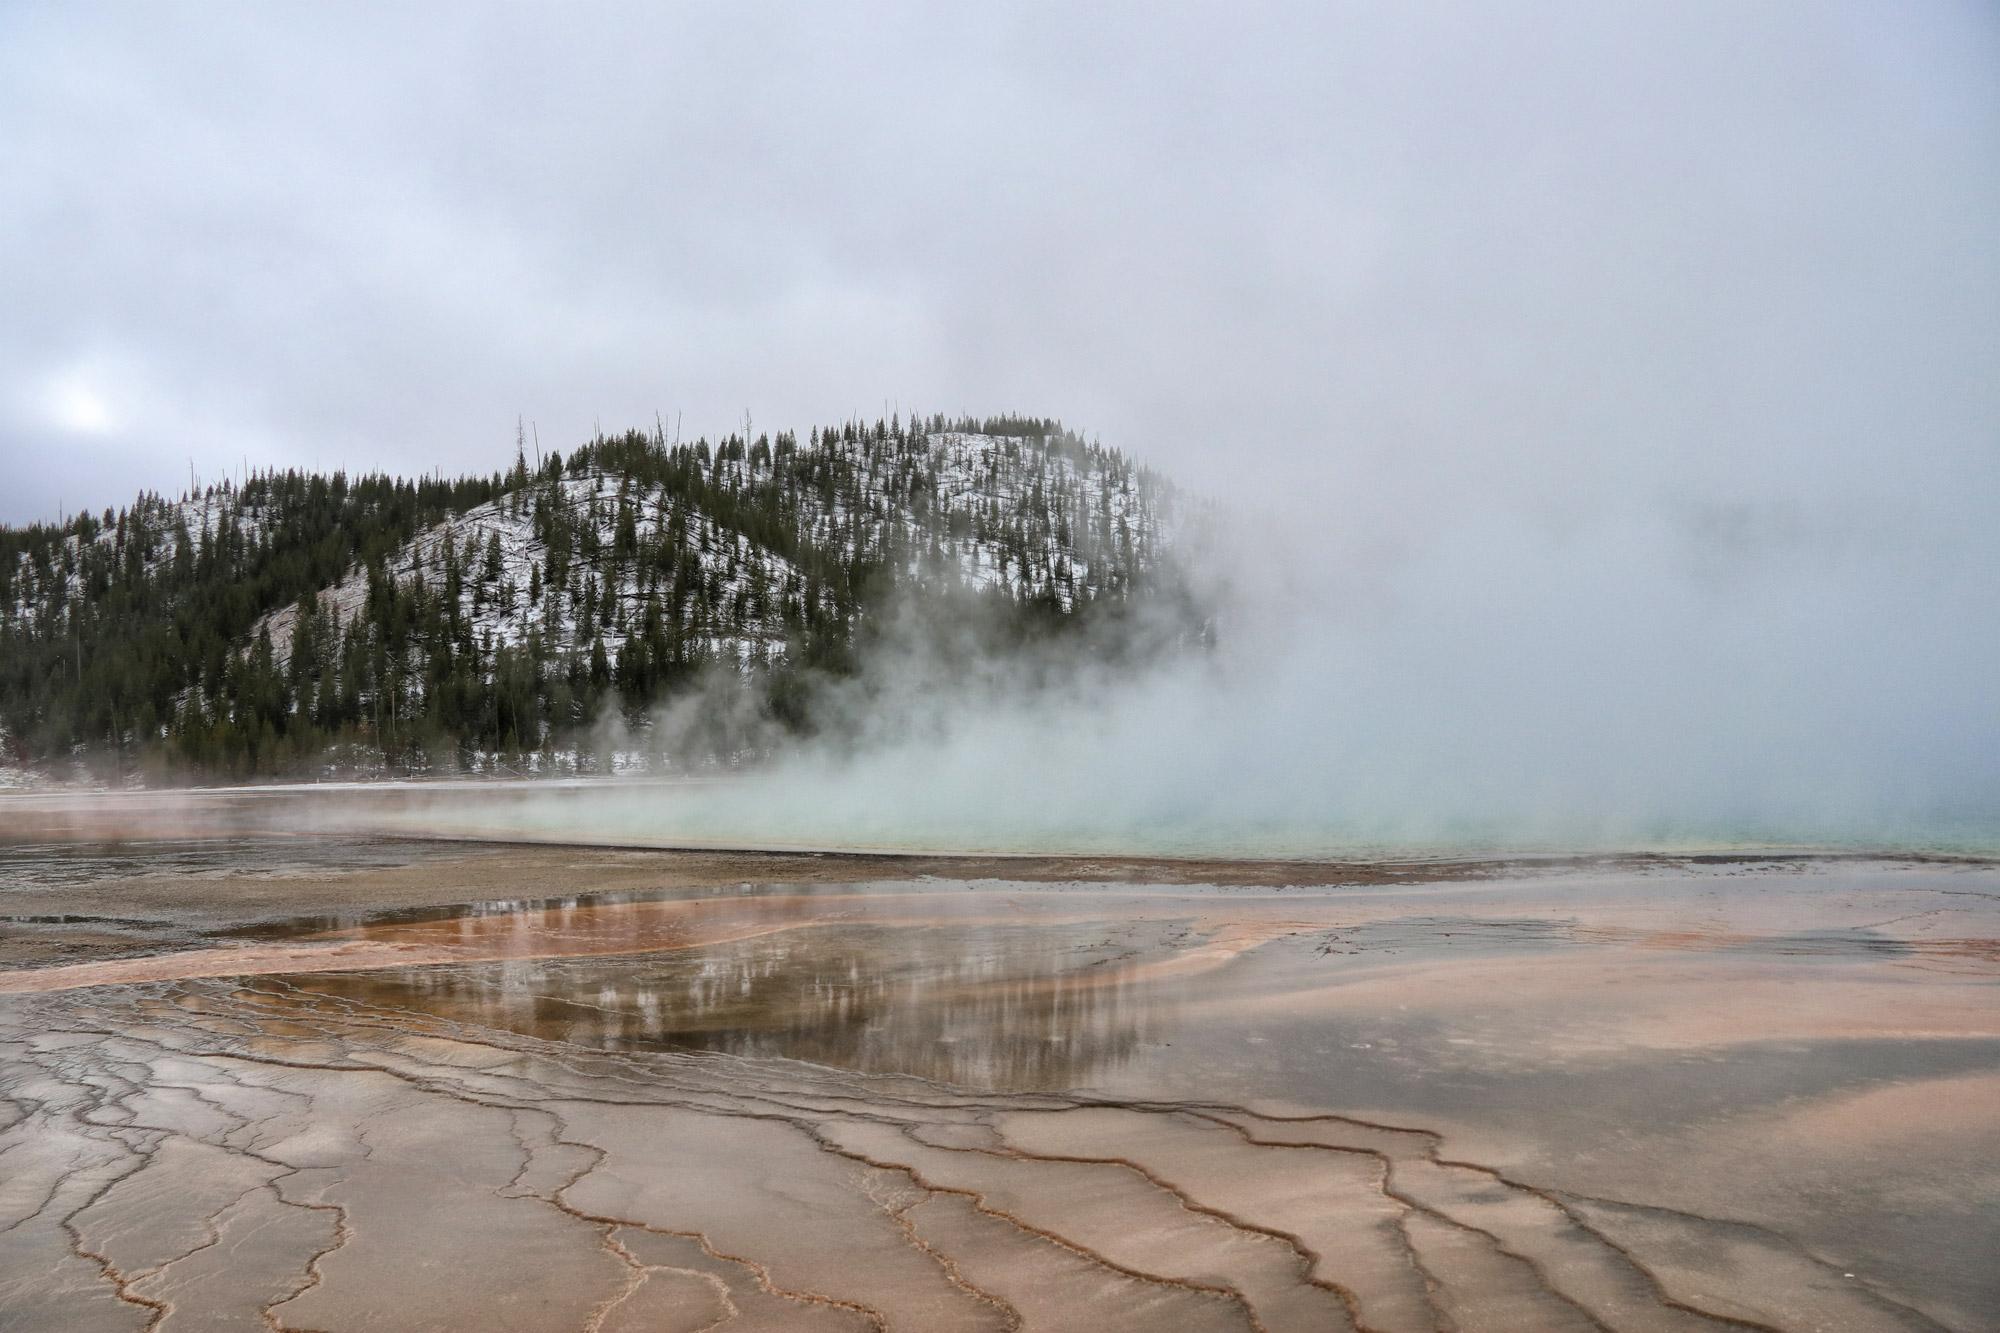 De hoogtepunten van Yellowstone National Park - Grand Prismatic Spring